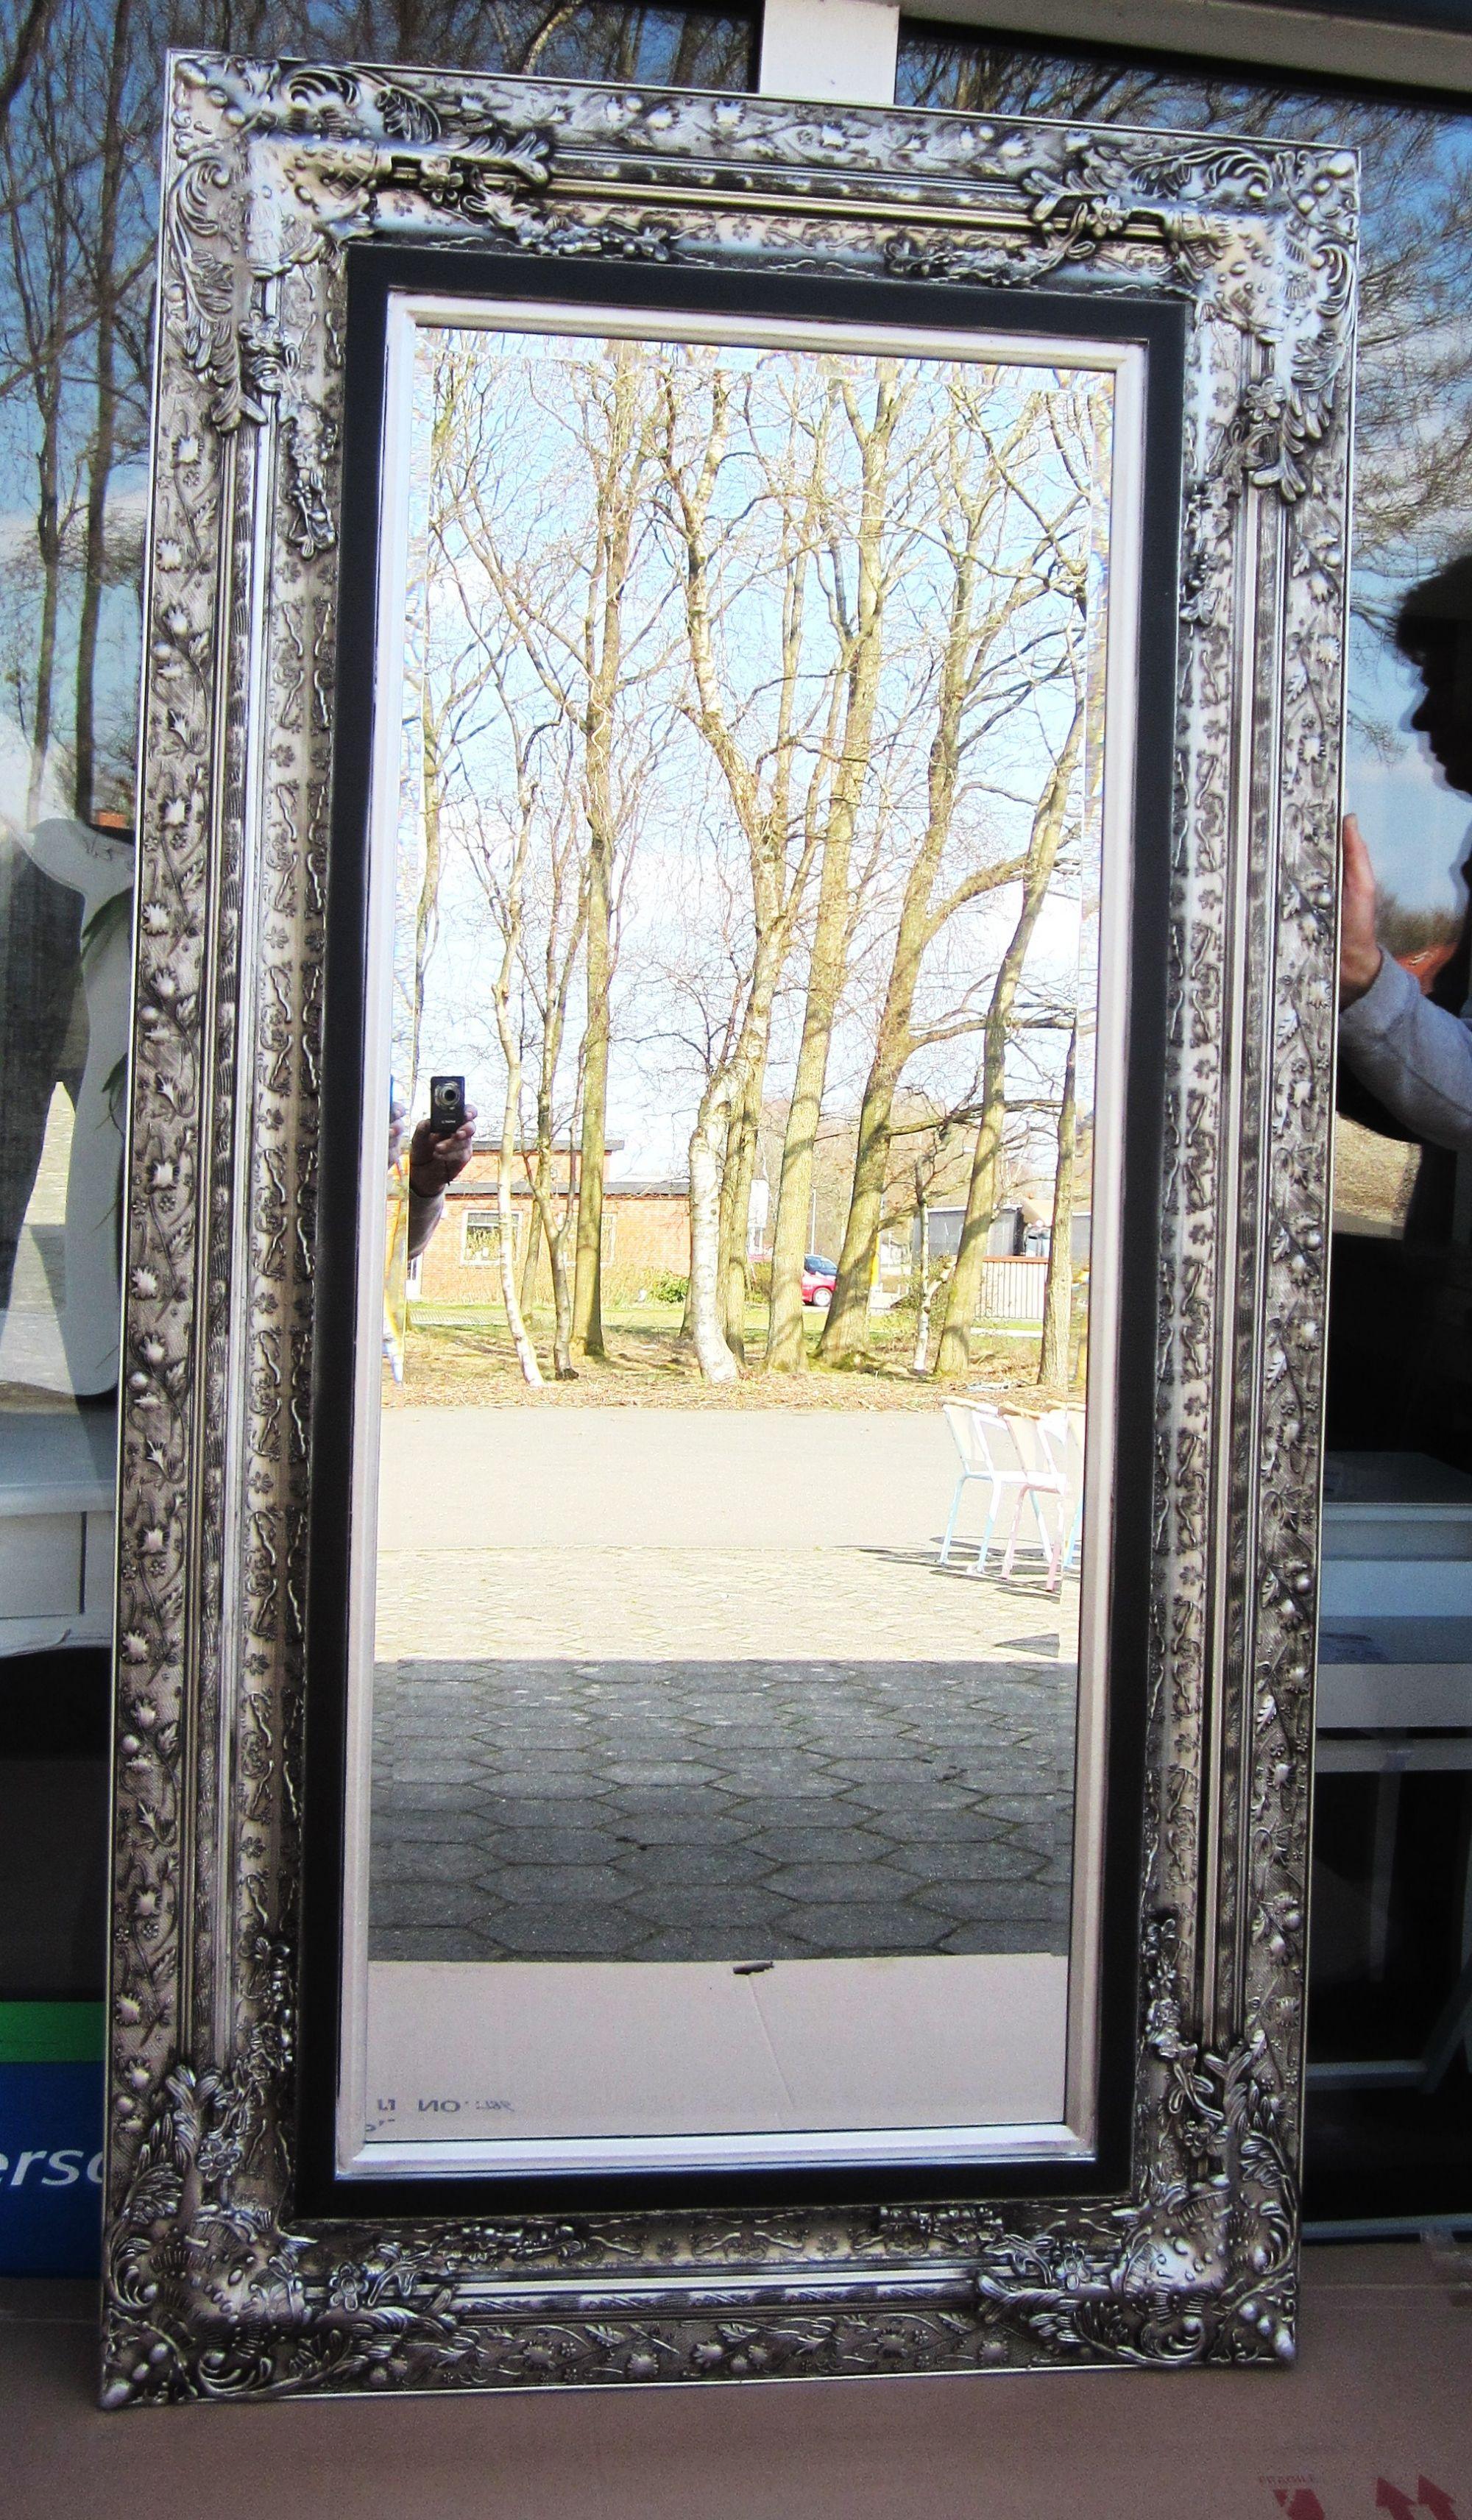 kæmpe spejl Kæmpe Spejle   Google søgning   House decoration   Pinterest  kæmpe spejl